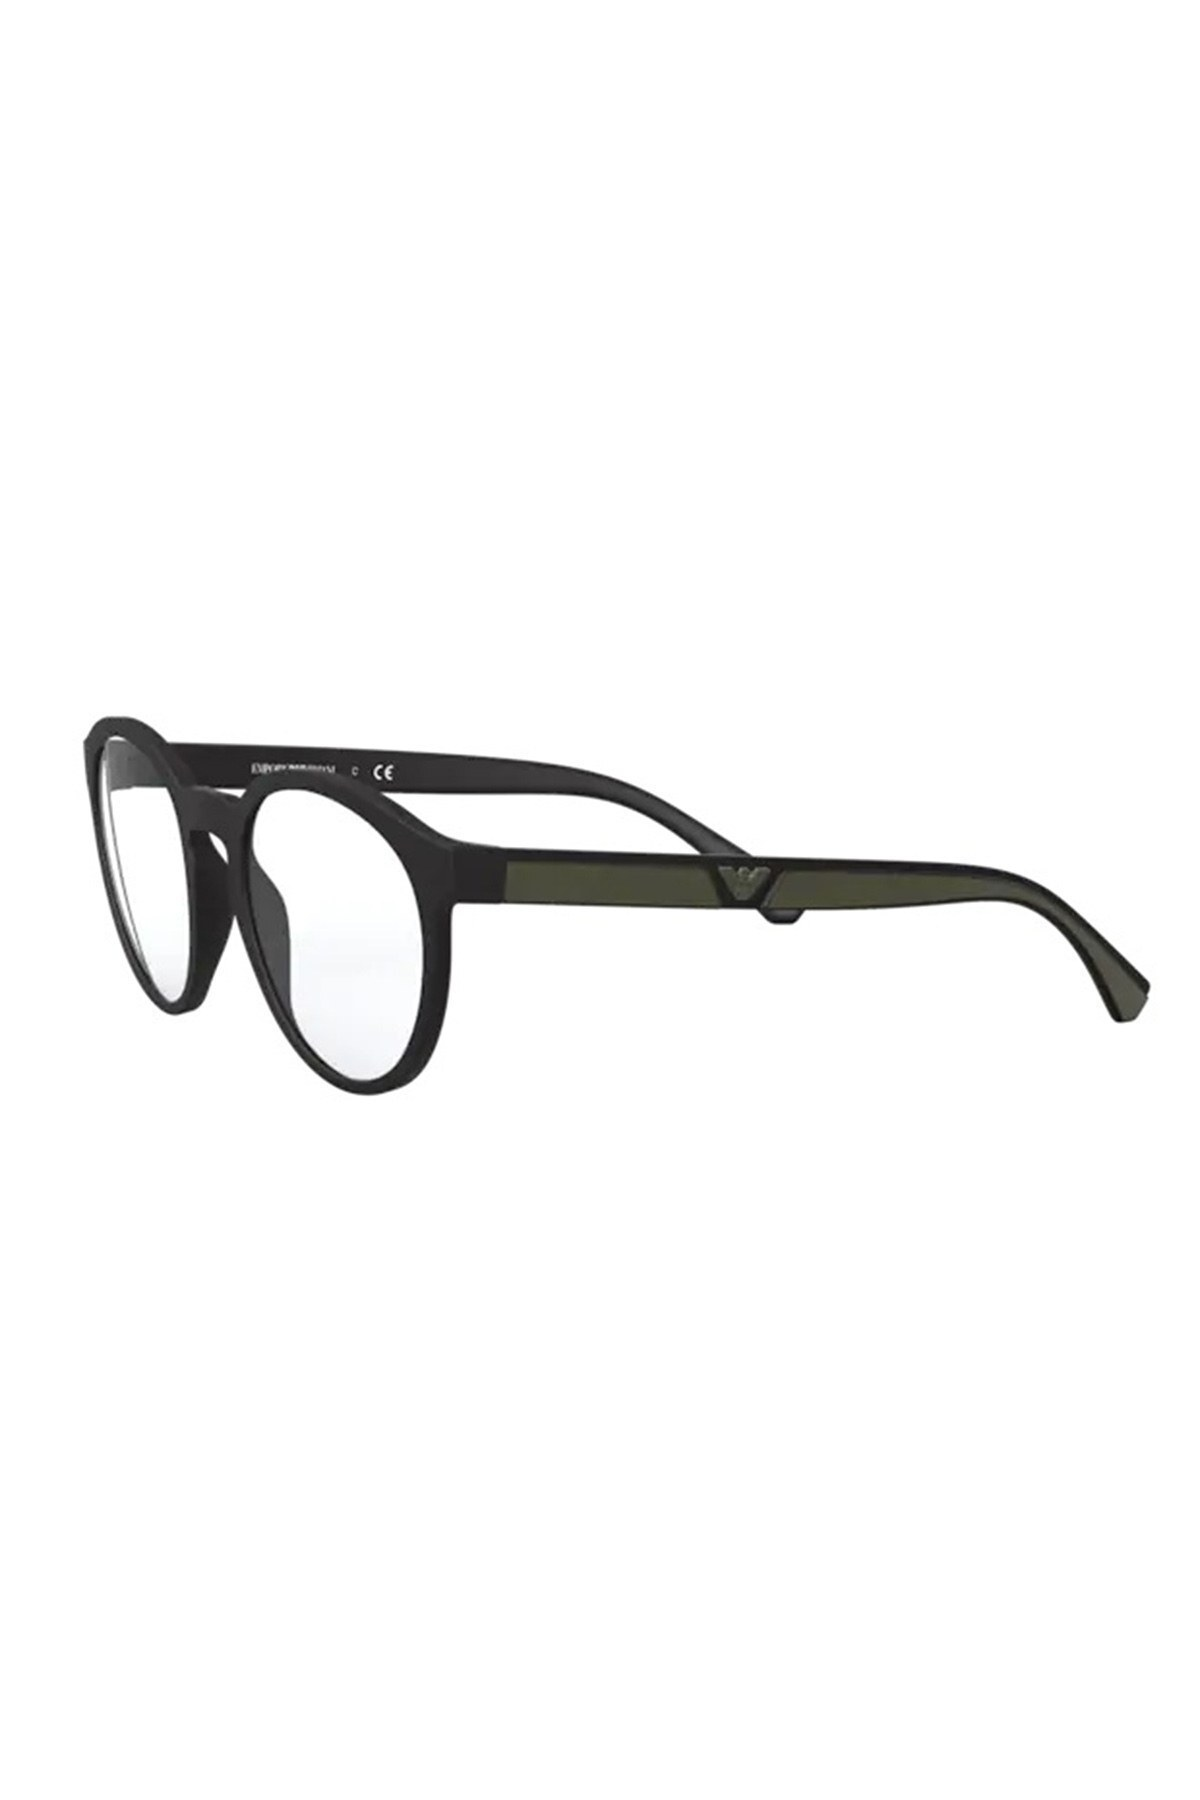 Emporio Armani Erkek Gözlük 0EA4152 58021W 52 KAHVE